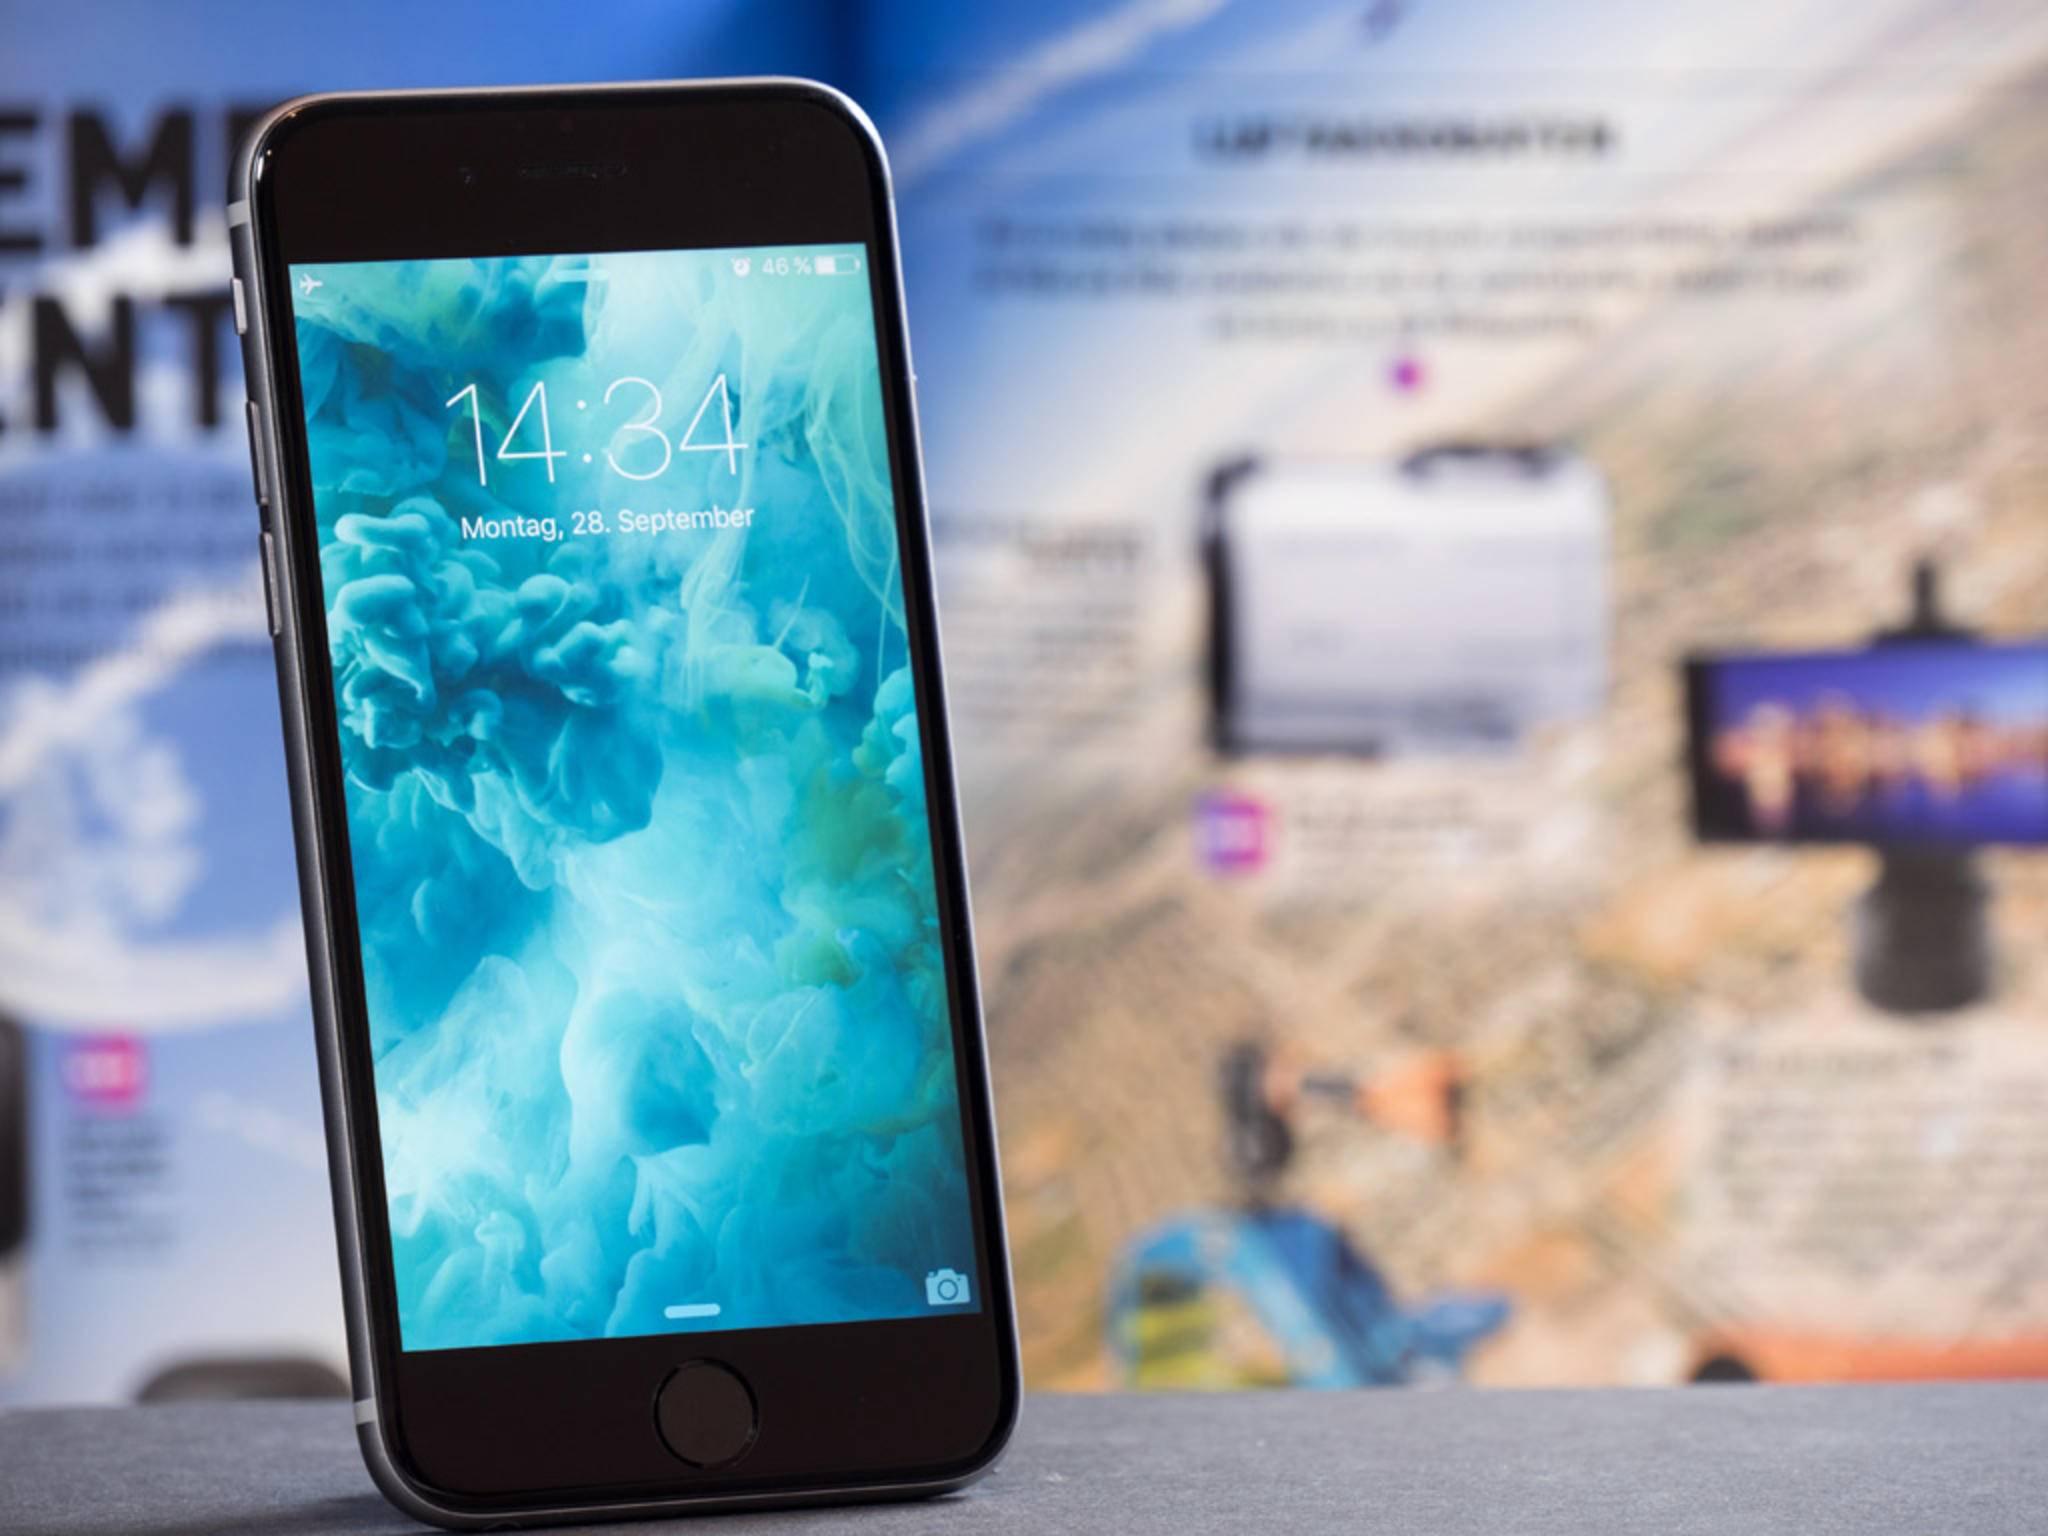 Die Live Fotos vom iPhone 6s sind leider nicht mehr als ein guter Anfang.